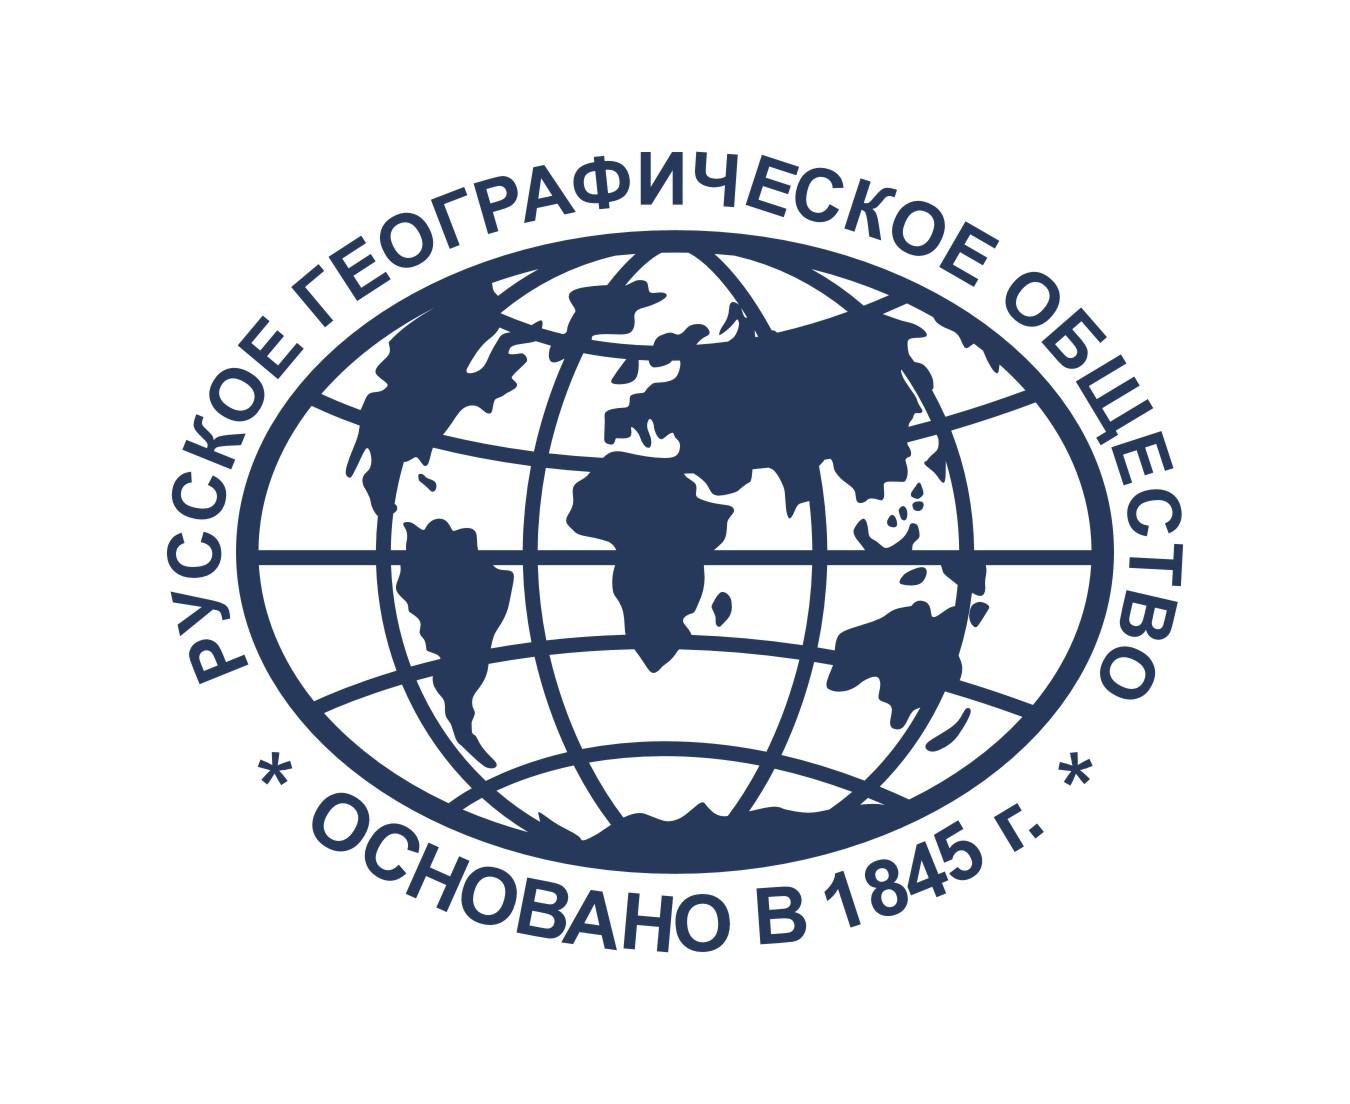 Ведущая новостей 12 канала омск